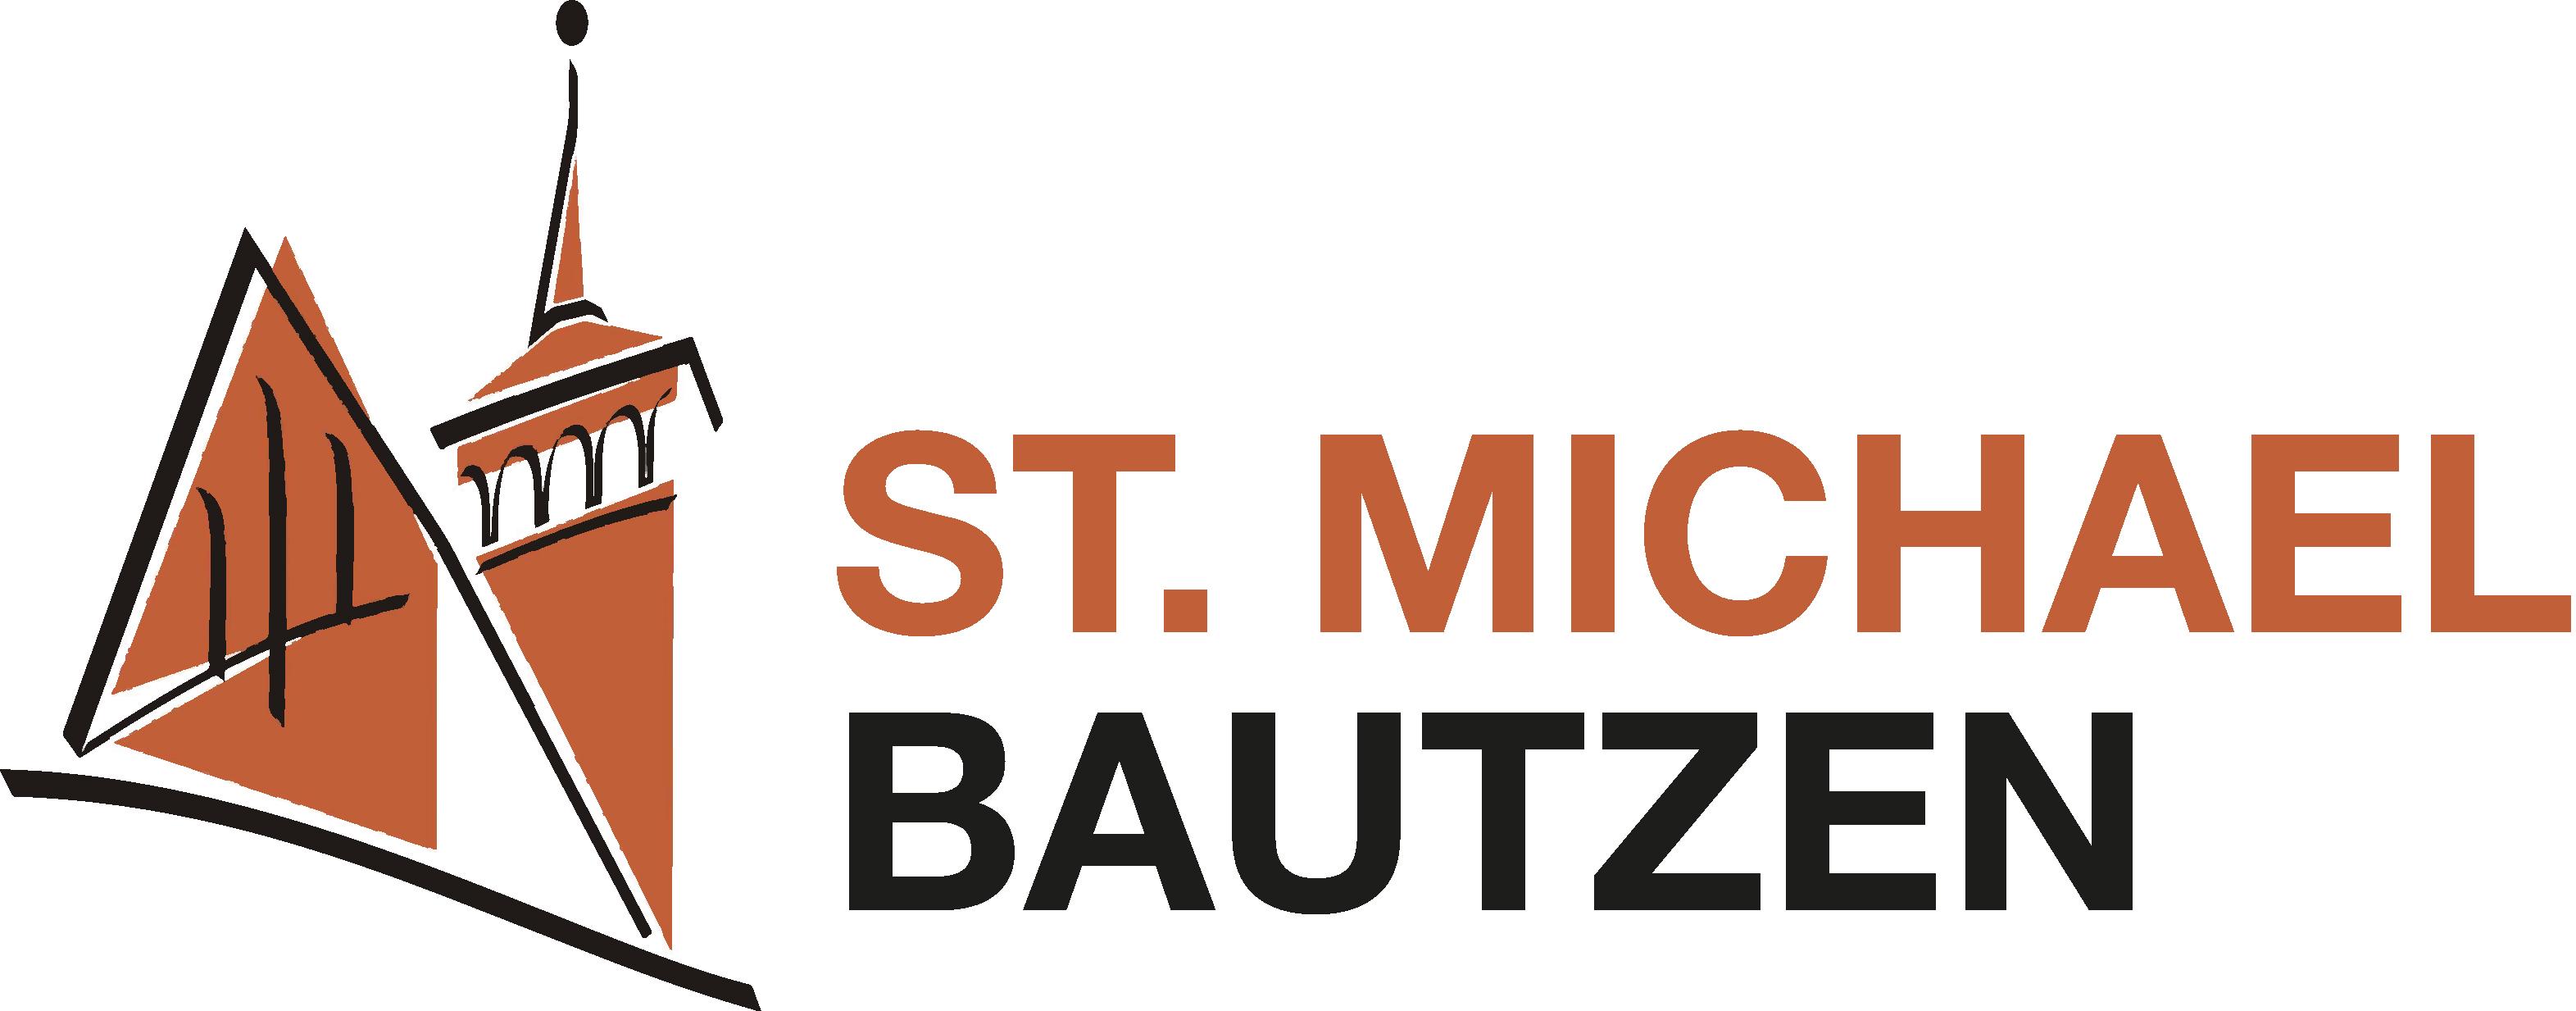 St. Michael Bautzen